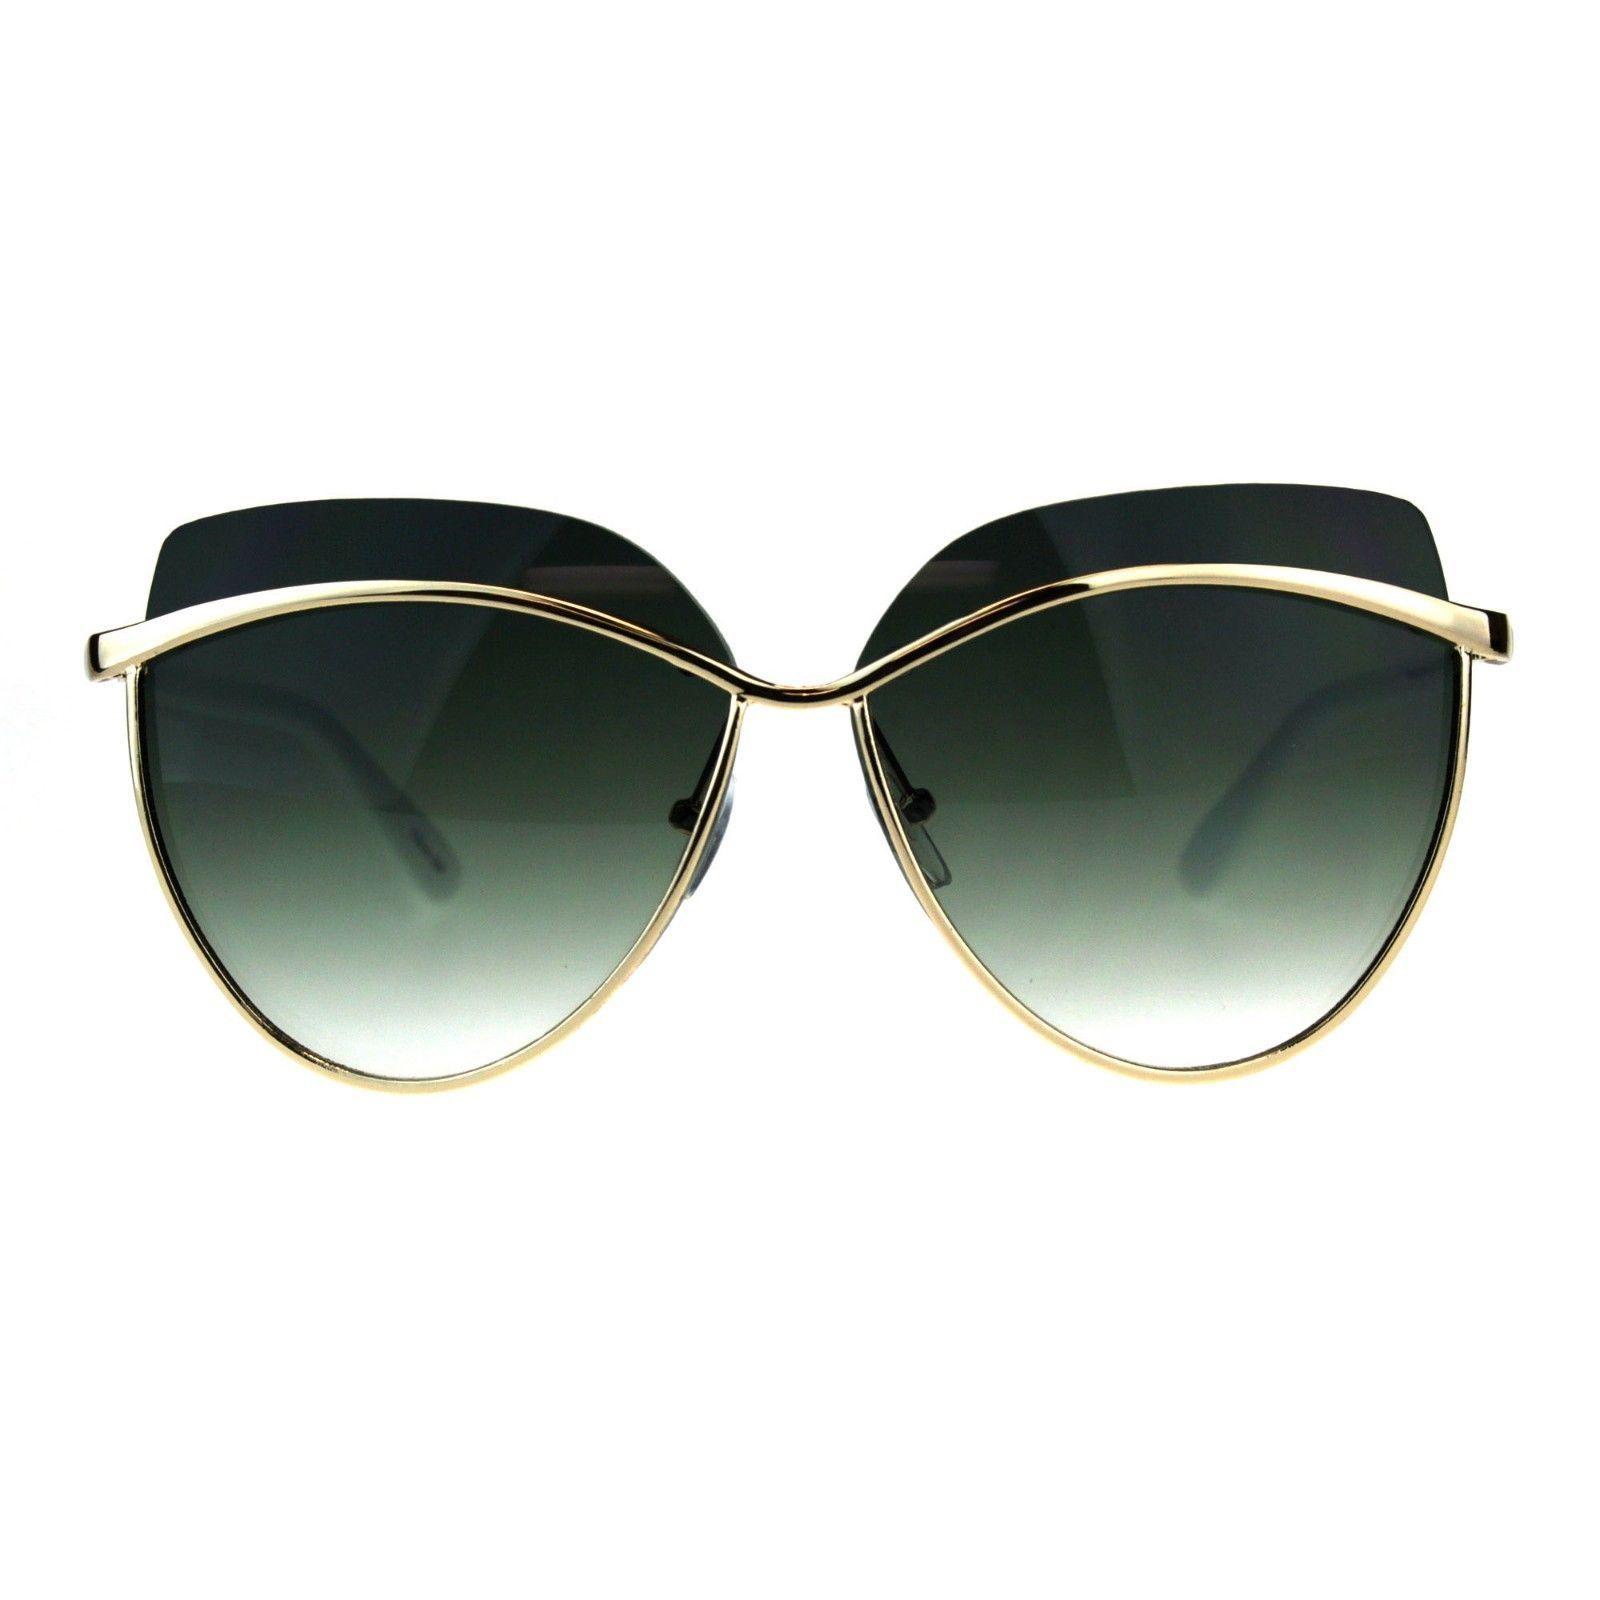 Womens Sunglasses Unique Overlap Lens Designer Style Shades UV 400